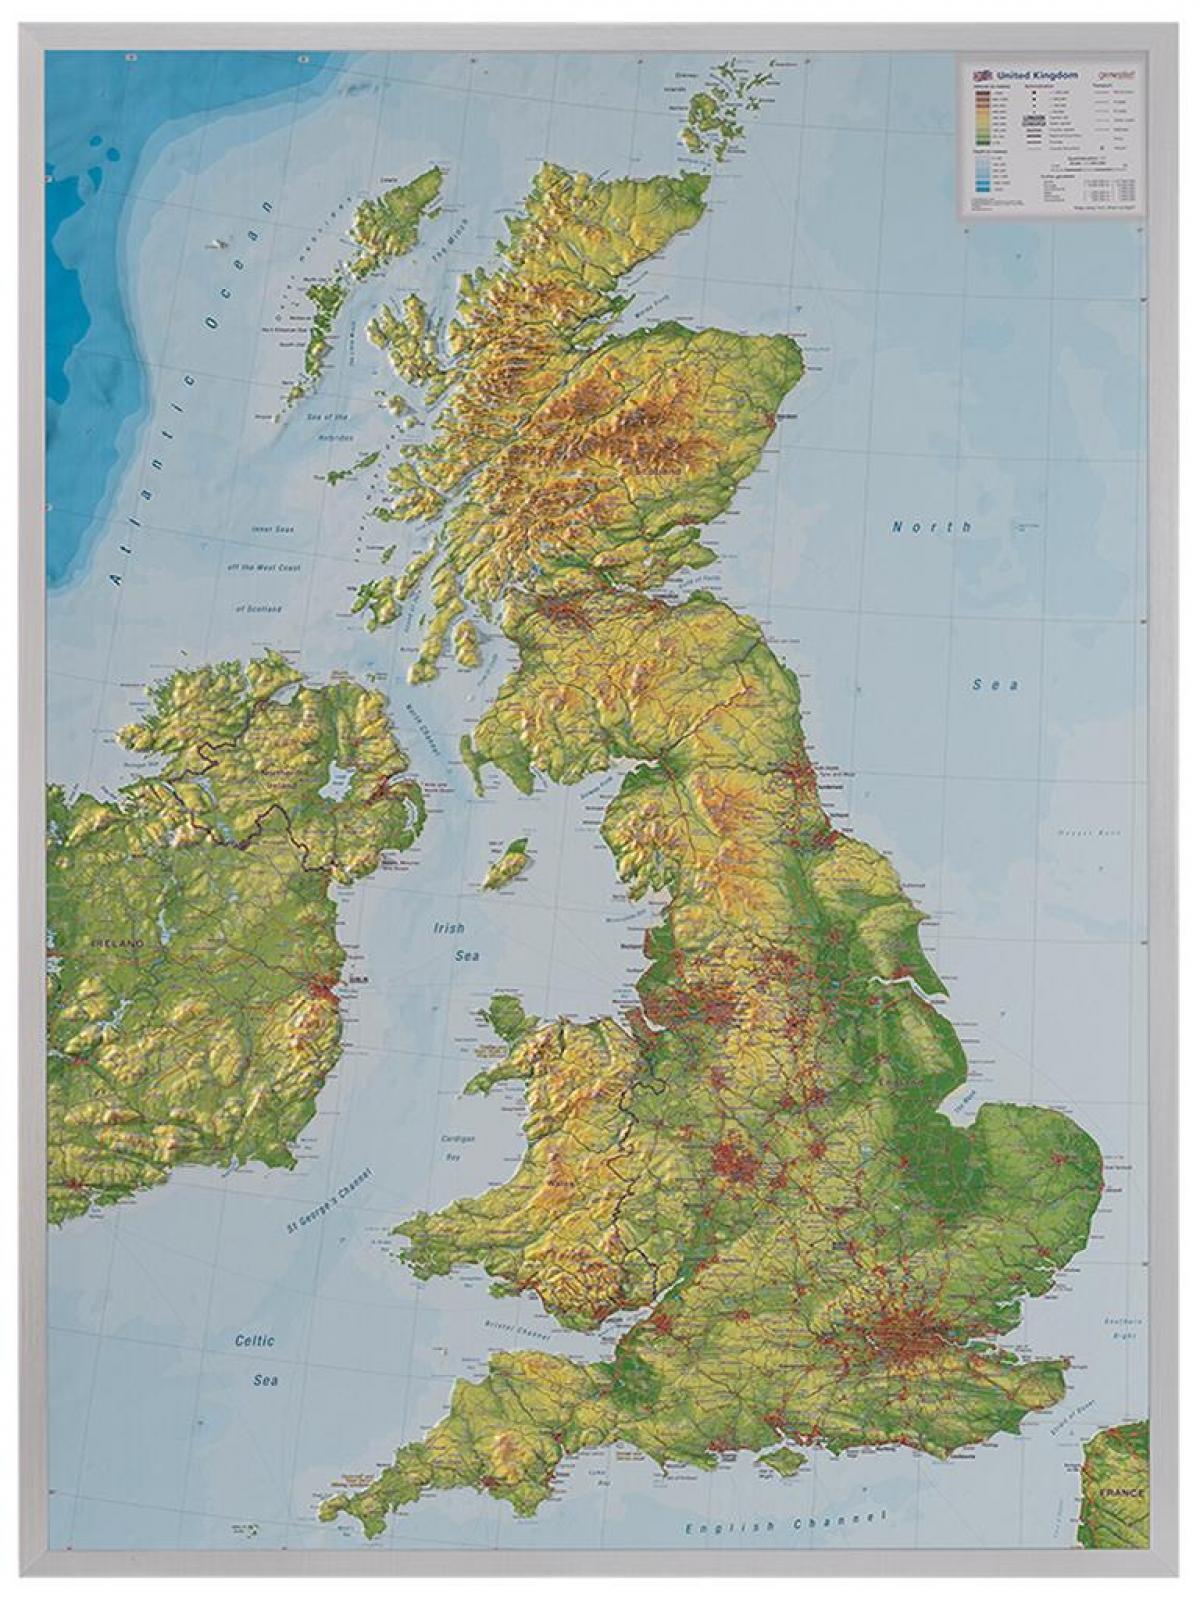 Maasto Kartta Uk Kartta Uk Maastossa Pohjois Eurooppa Eurooppa